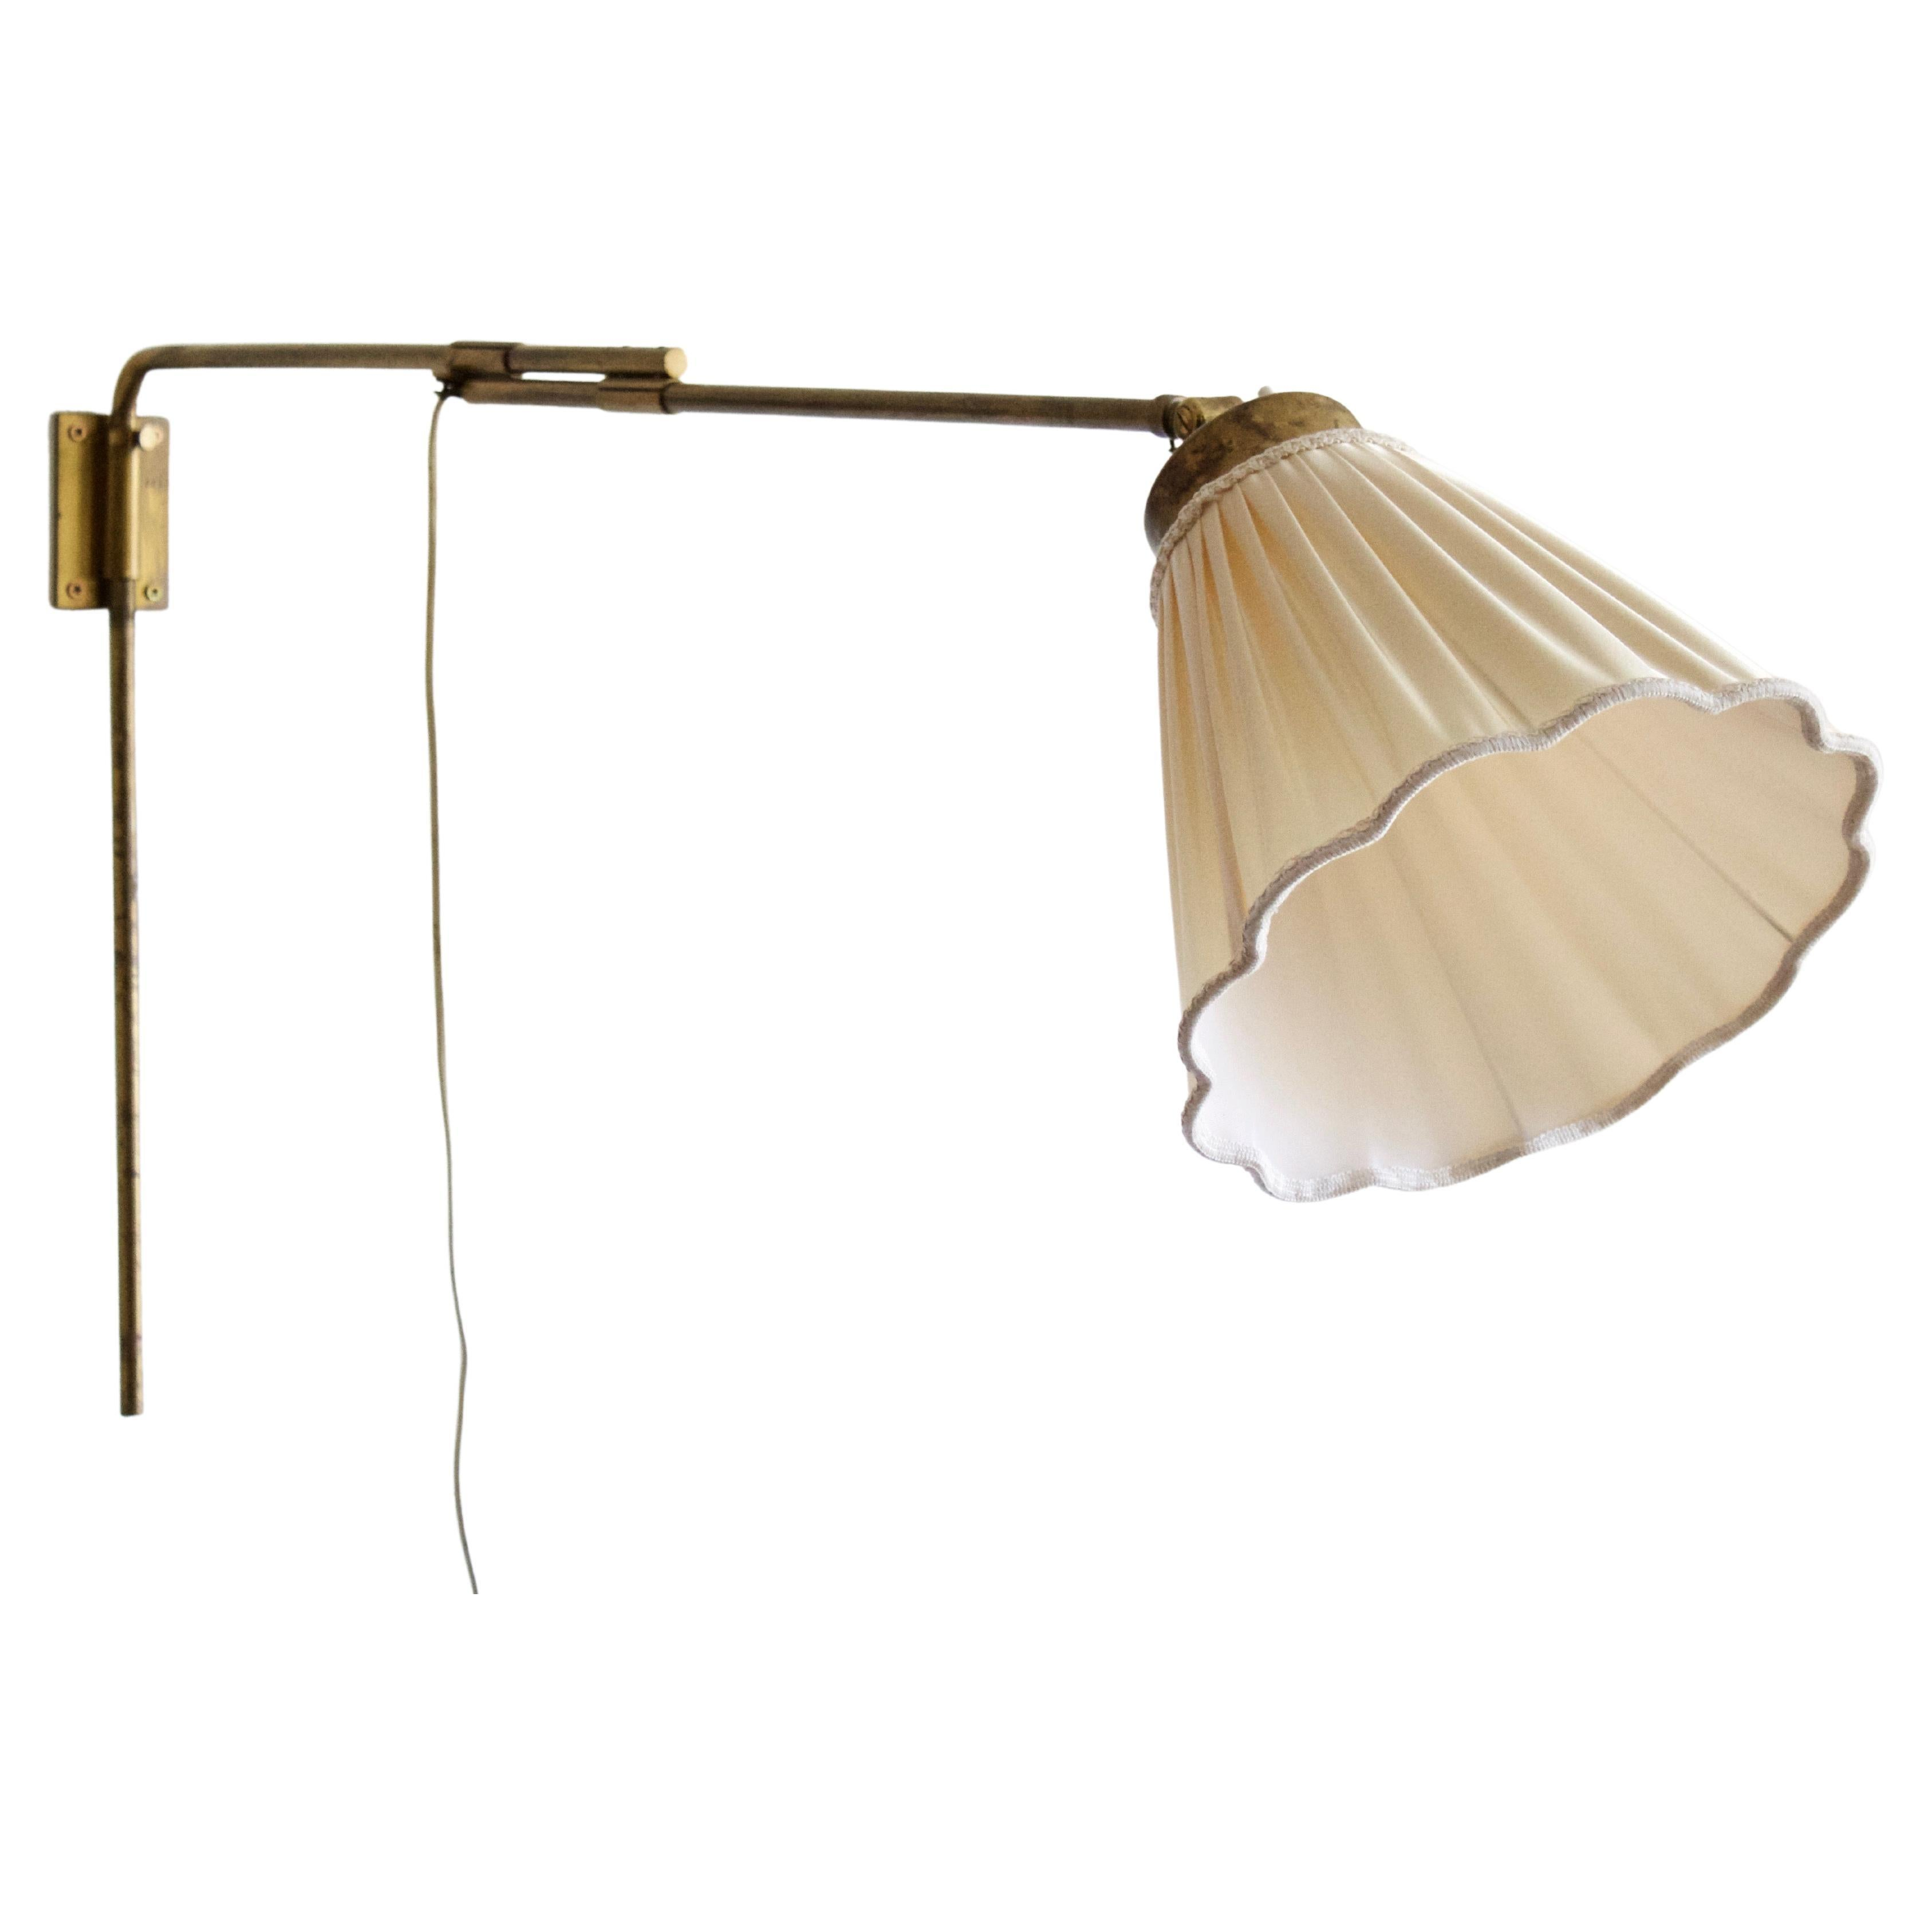 Josef Frank, Rare Adjustable Wall Light, Brass, Svenskt Tenn, Sweden, 1950s